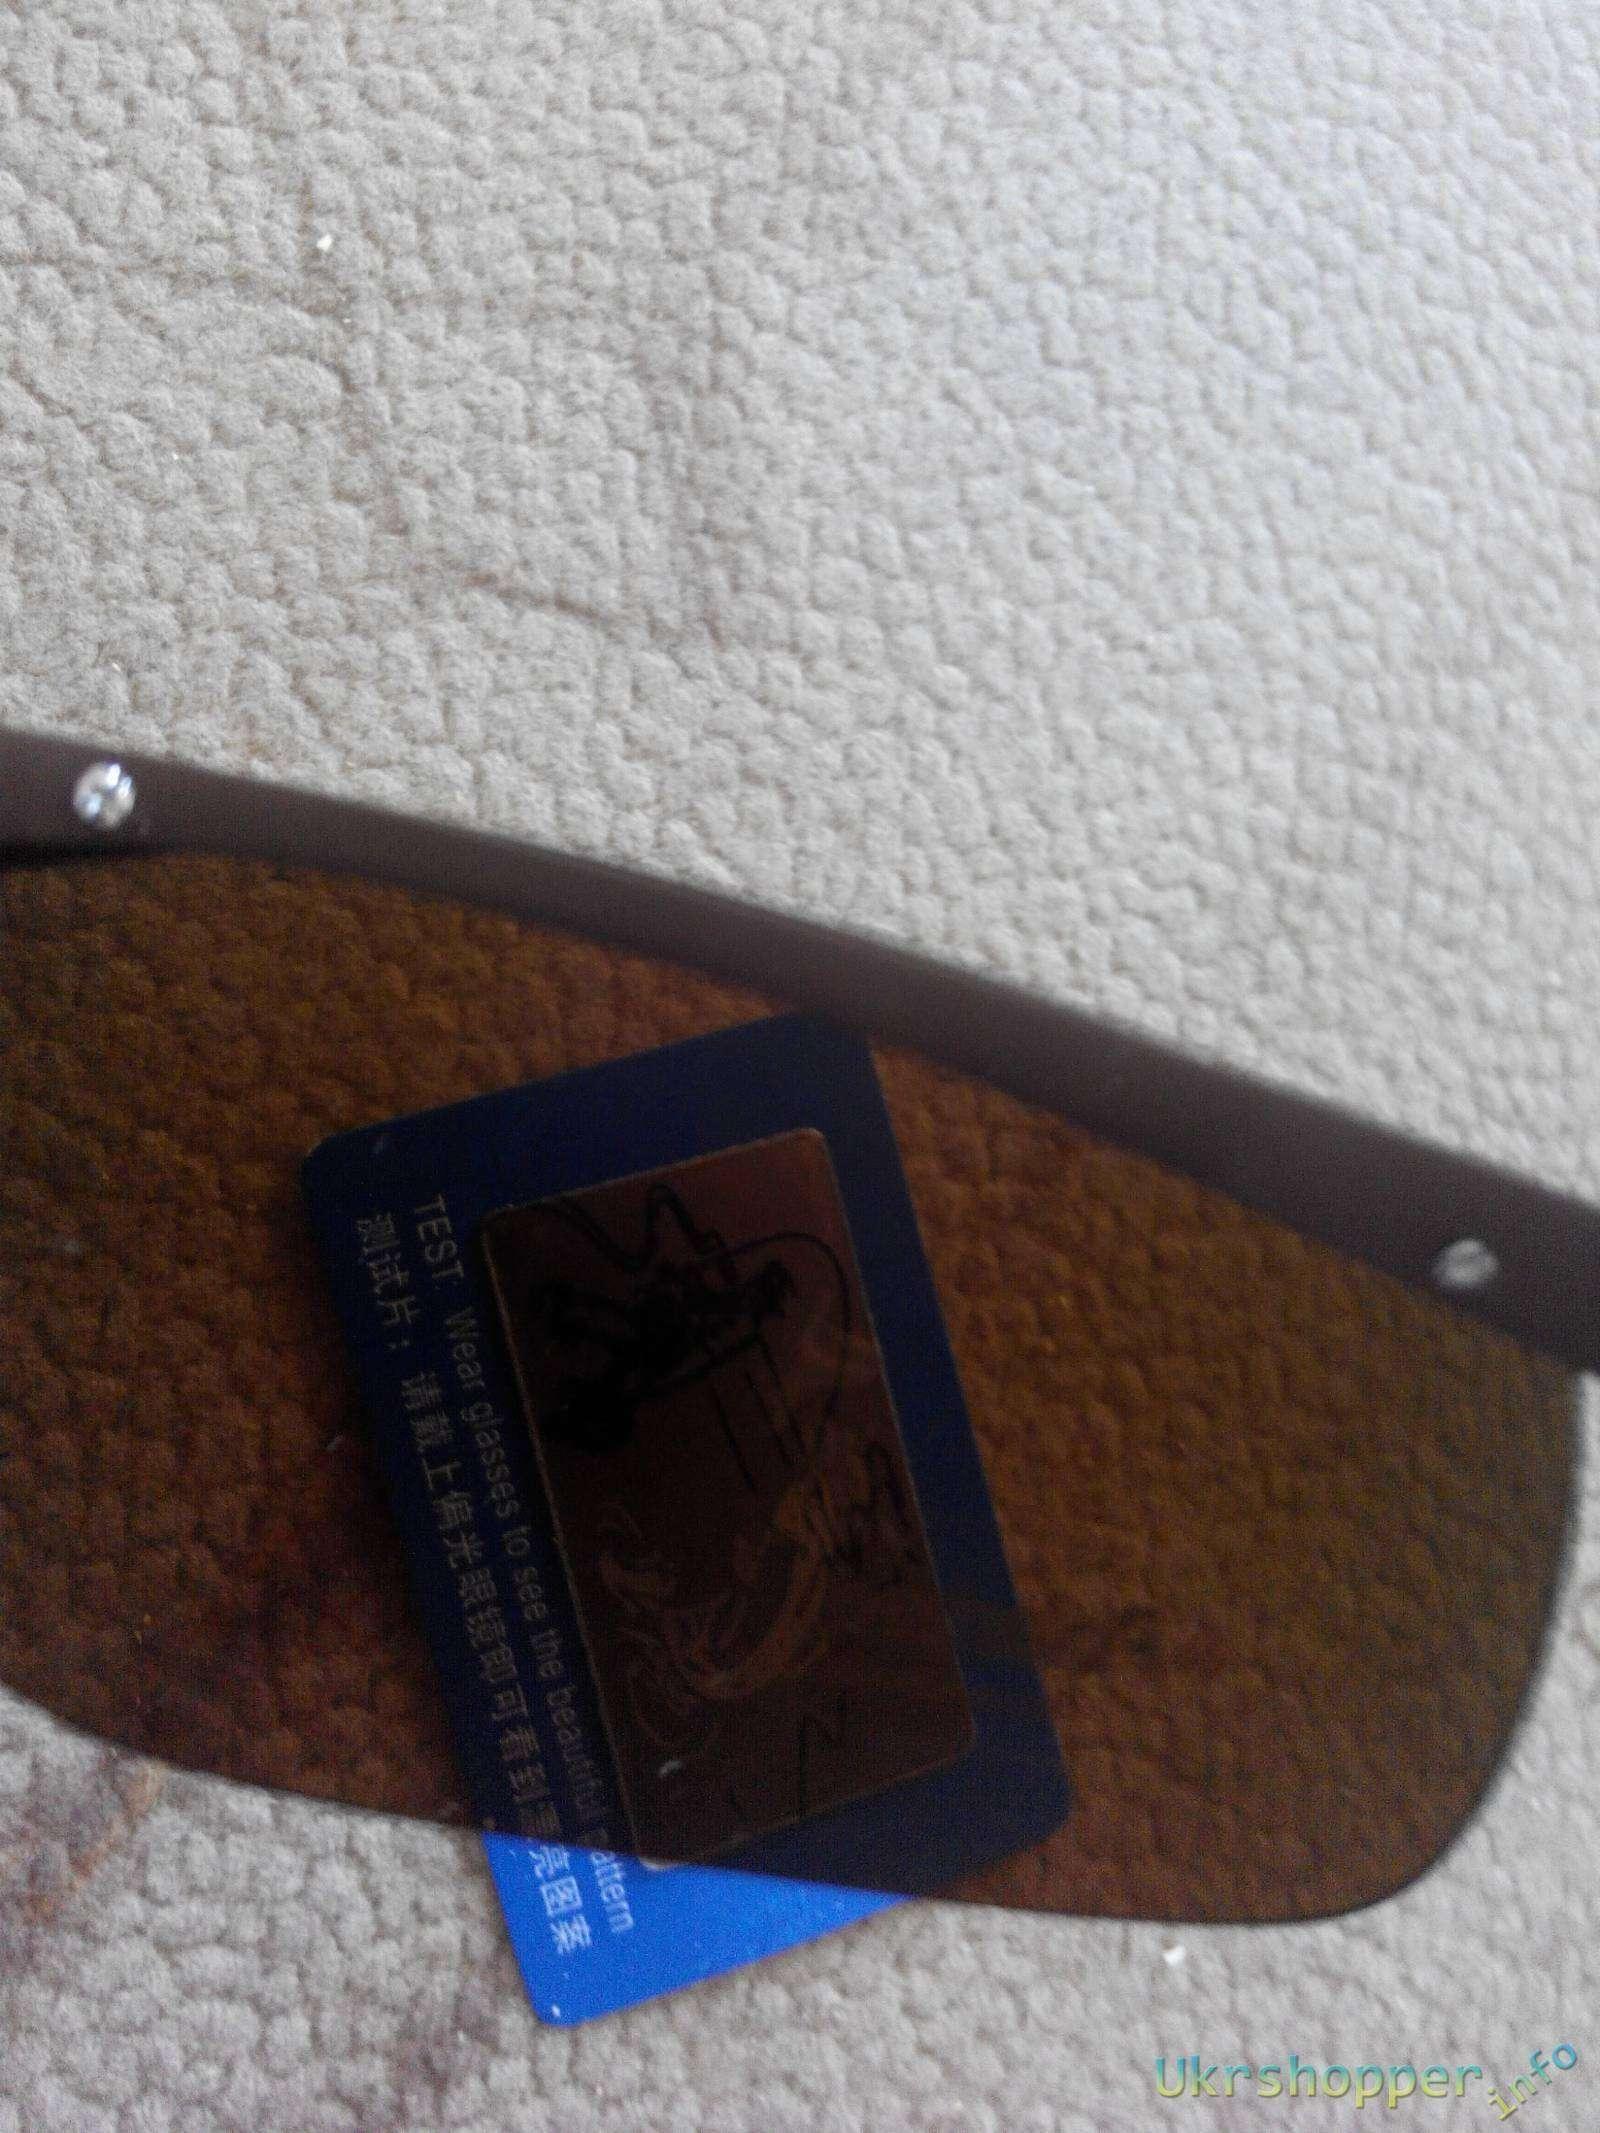 Aliexpress: Хорошие качественные очки с поляризацией. Типа 'Police'